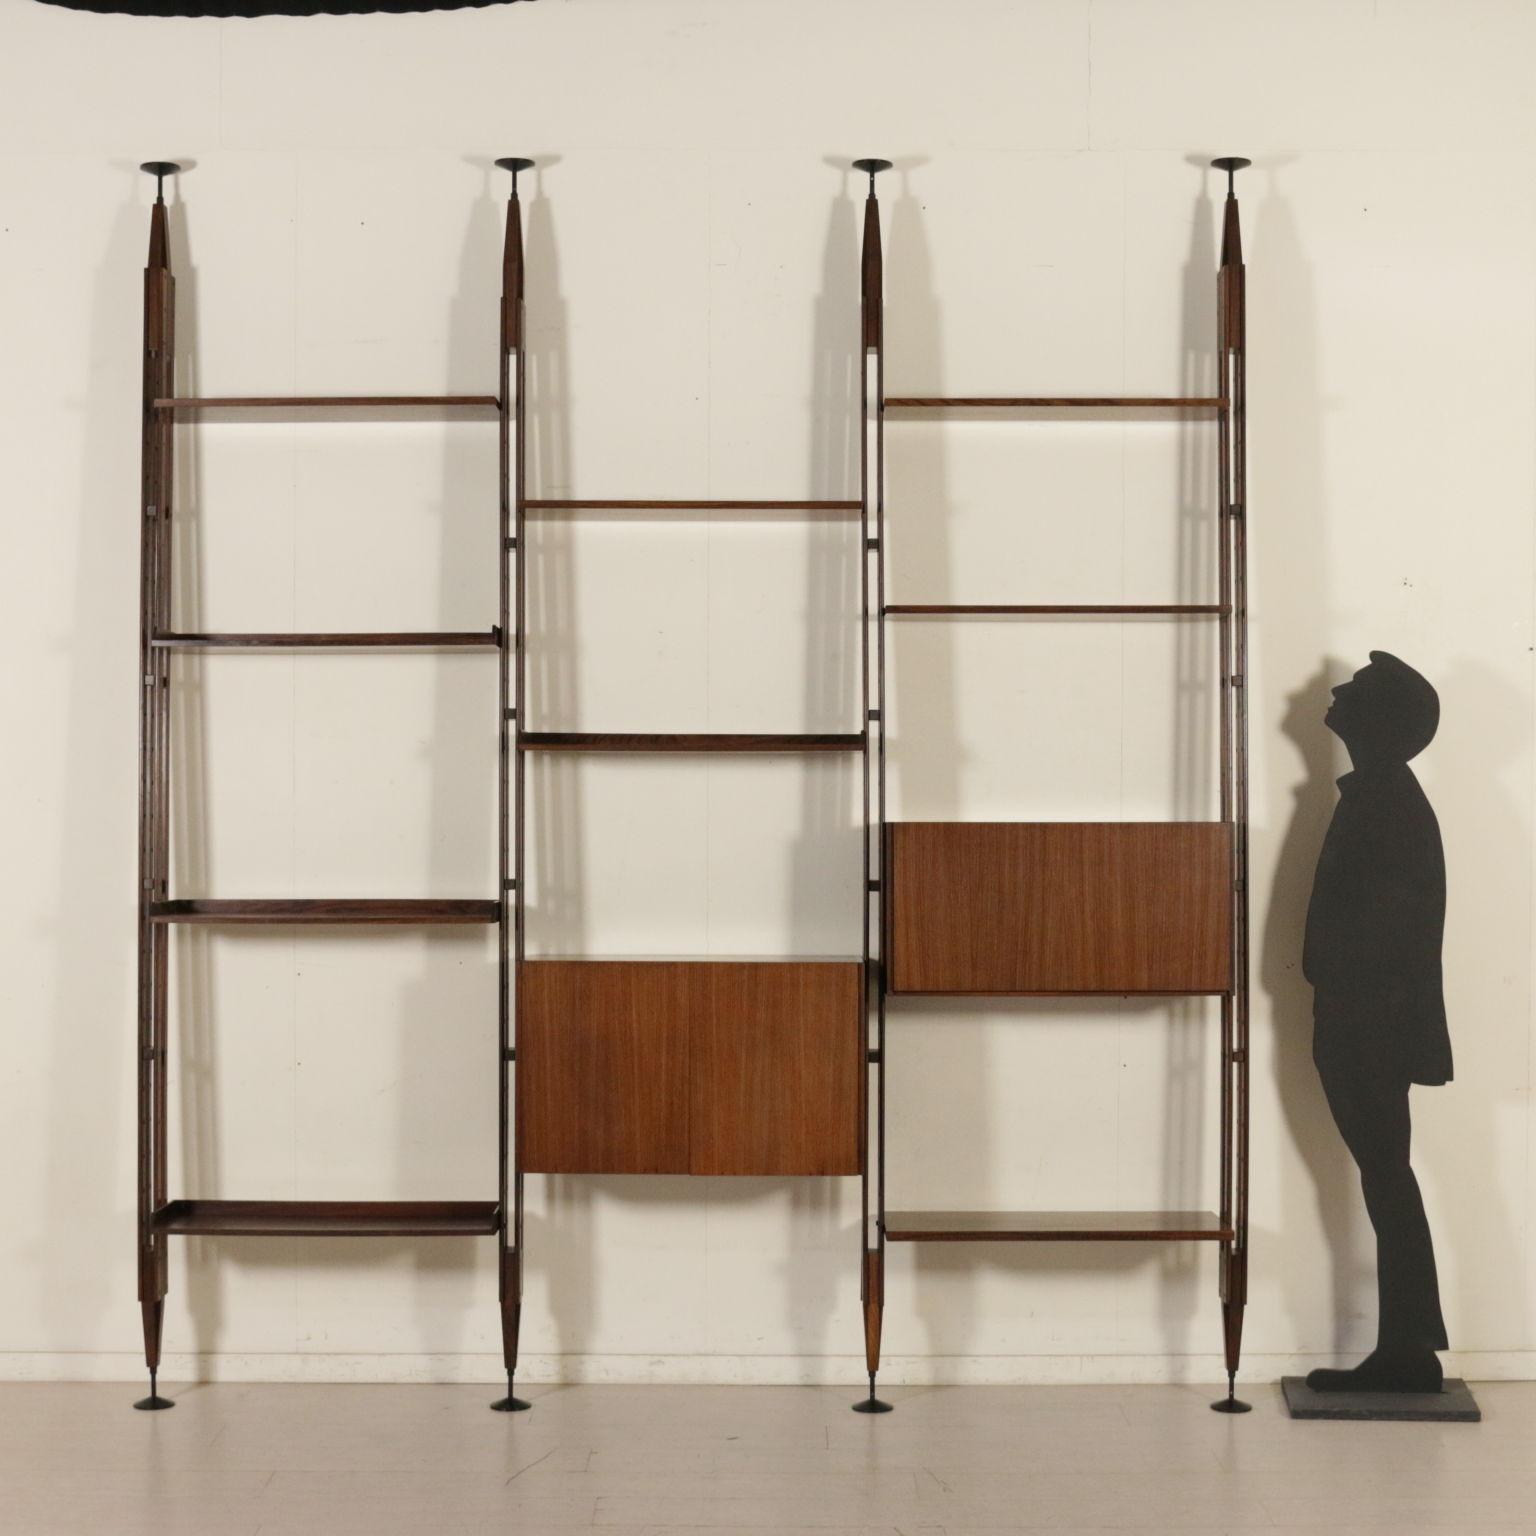 Bibliothek Franco Albini - Librerie - Moderne - dimanoinmano.it